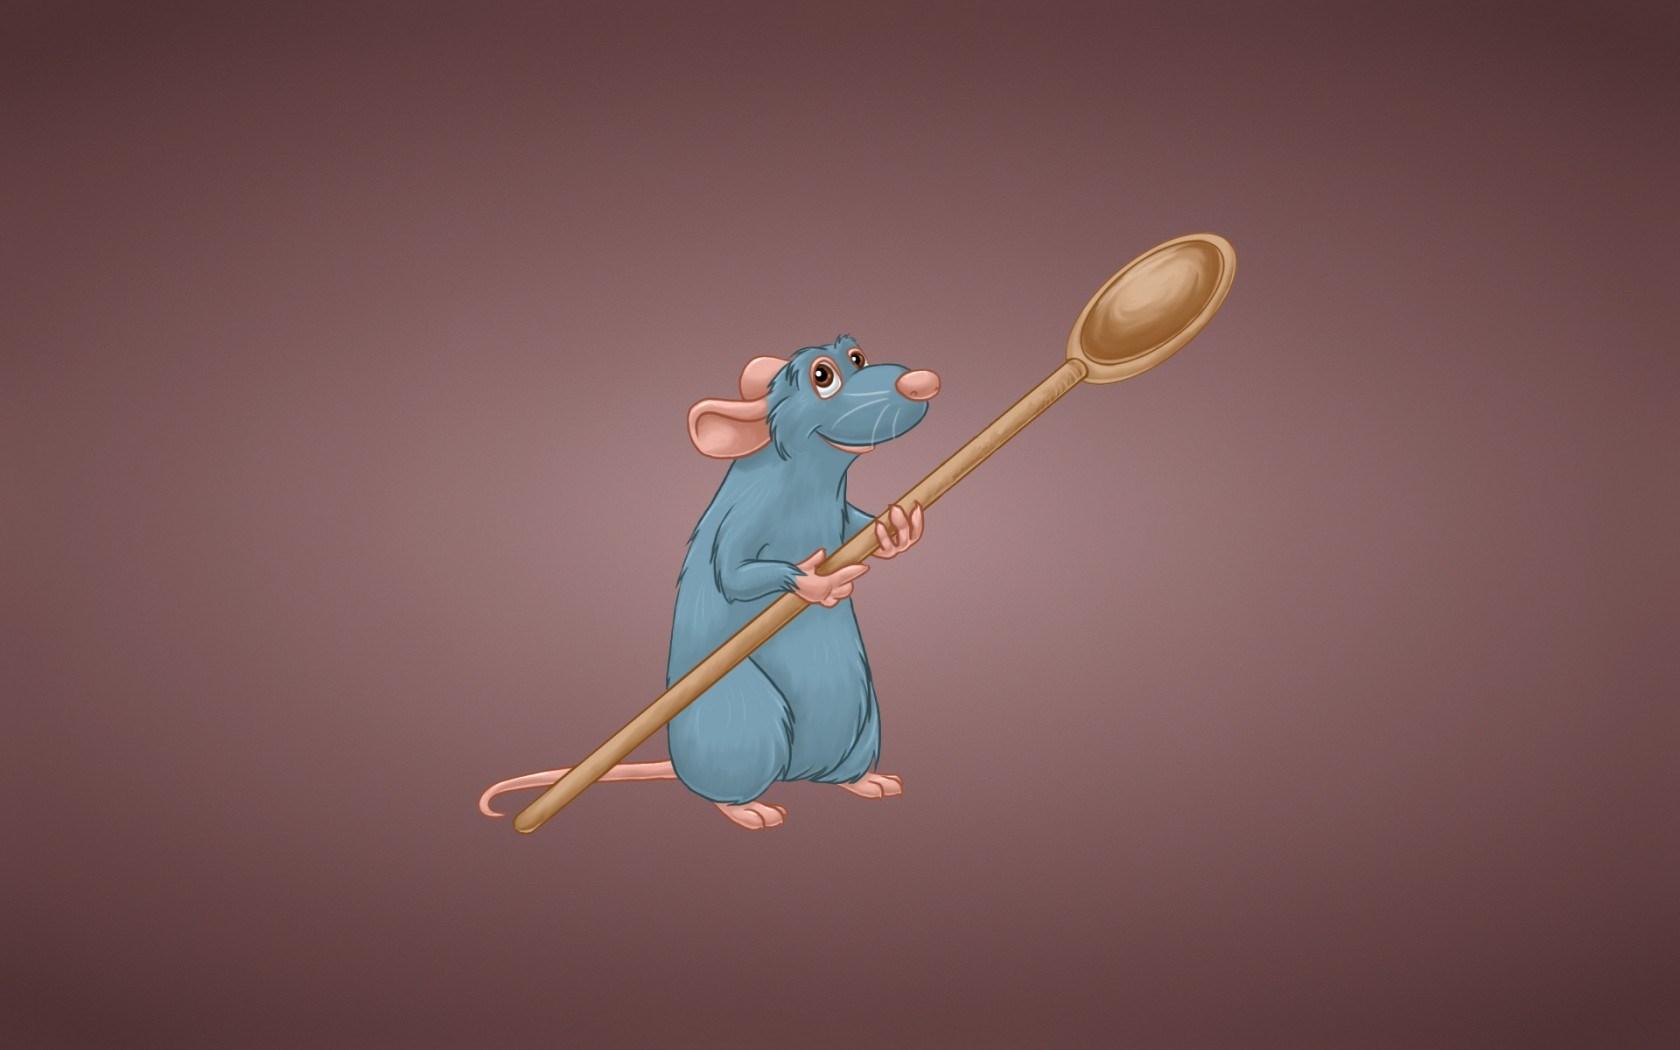 Ratatouille Rat Spoon Rodent Cartoon